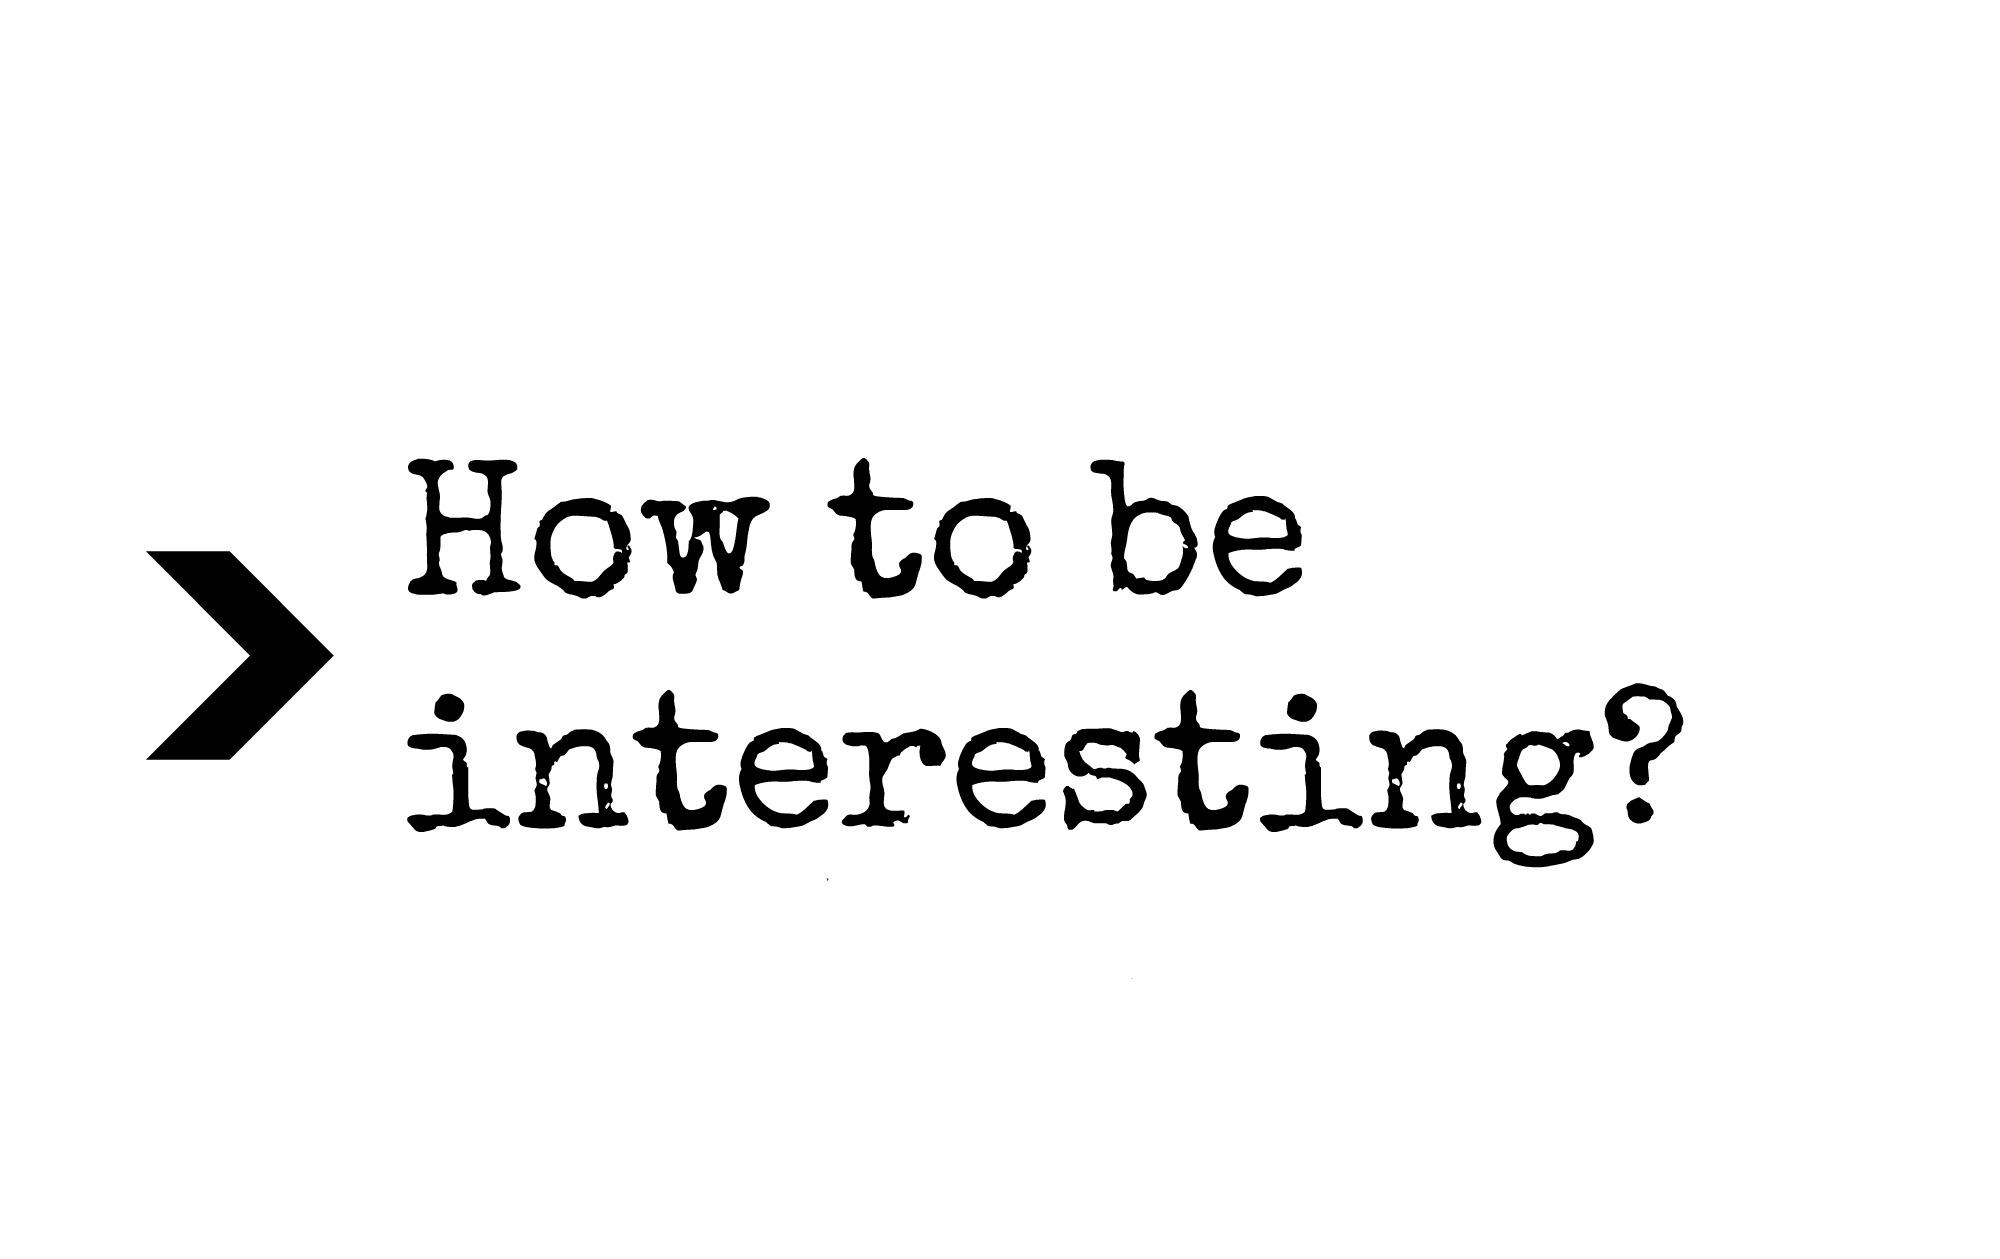 How to: Wie wird man zu einer charismatischen Person?